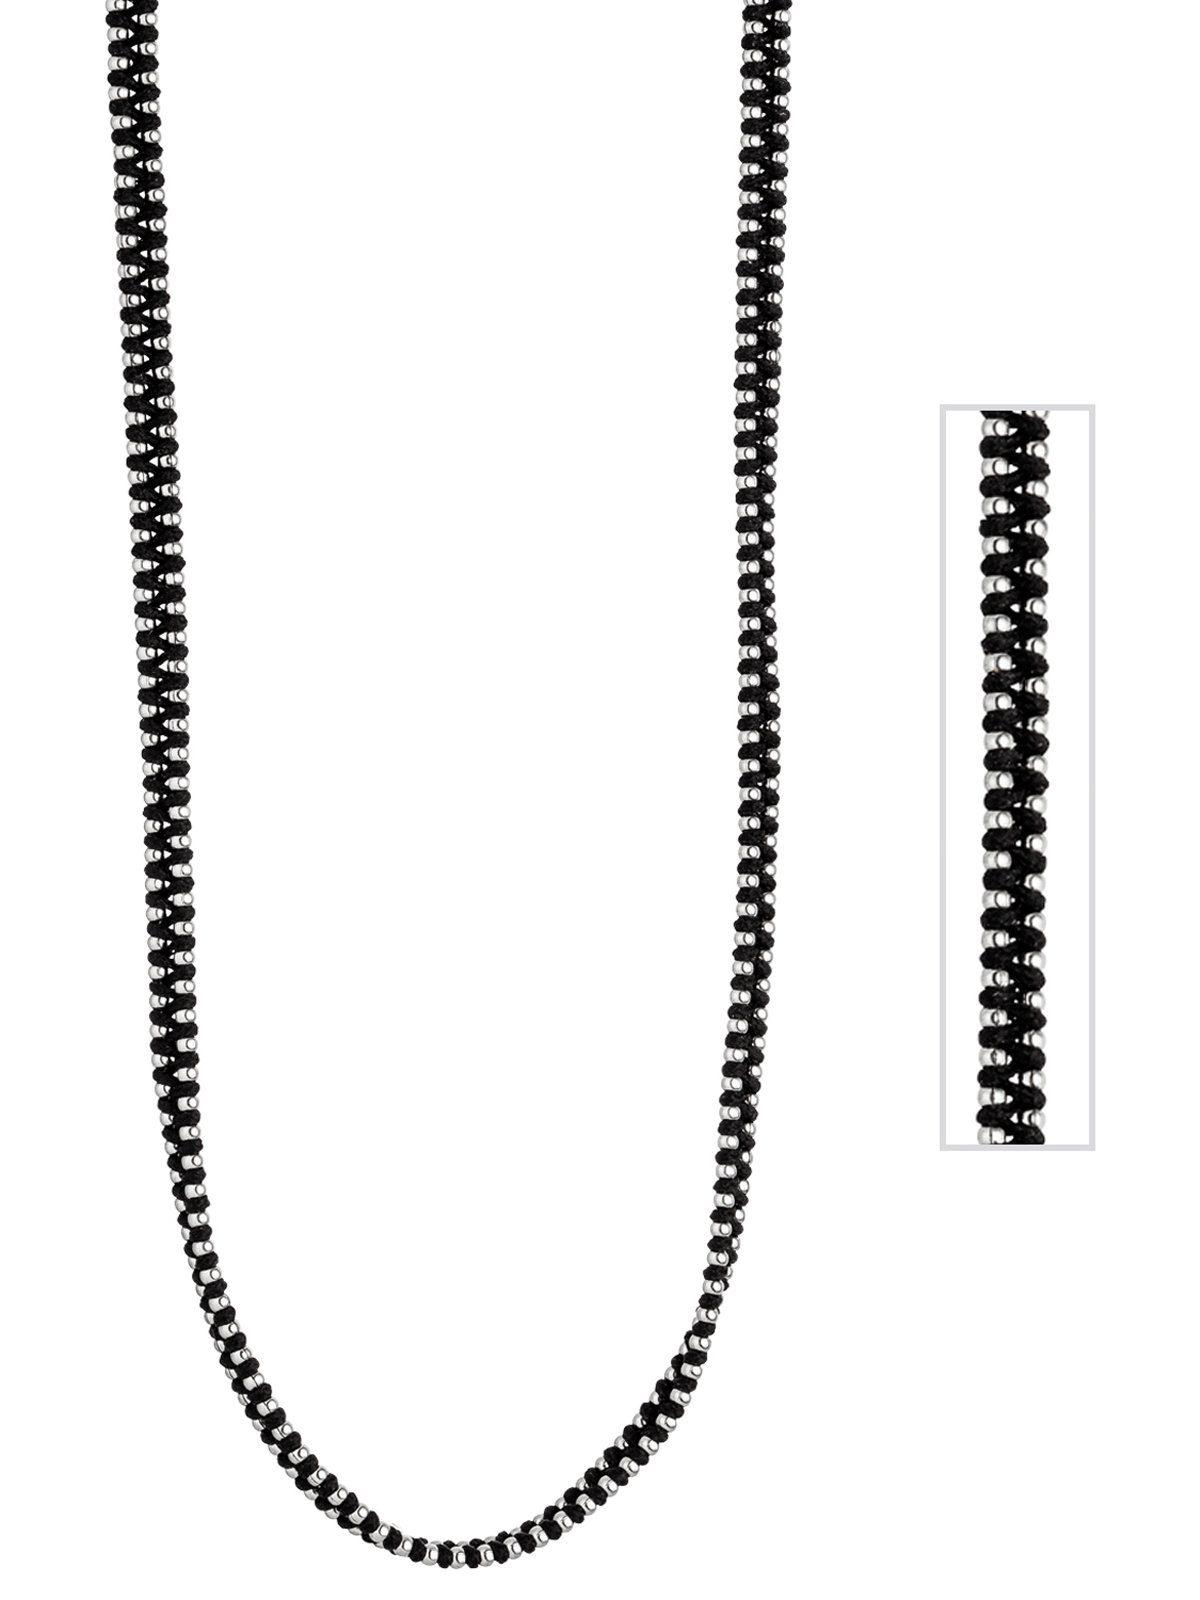 Adelia´s Kette ohne Anhänger, Edelstahl L - 75 cm